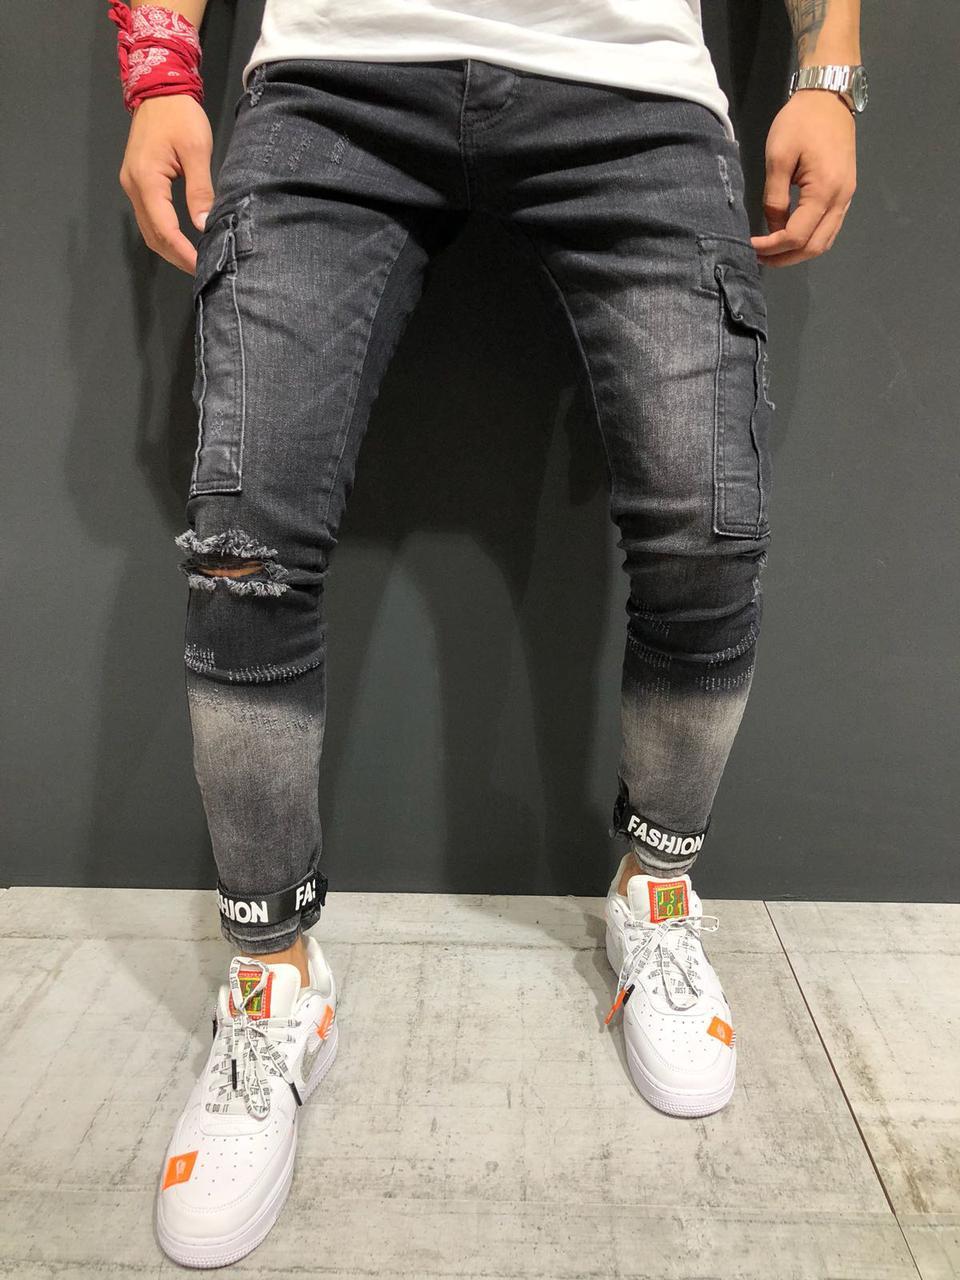 25f24f8853d Мужские джинсы с дырками на коленях (рваные джинсы) черные серые зауженные